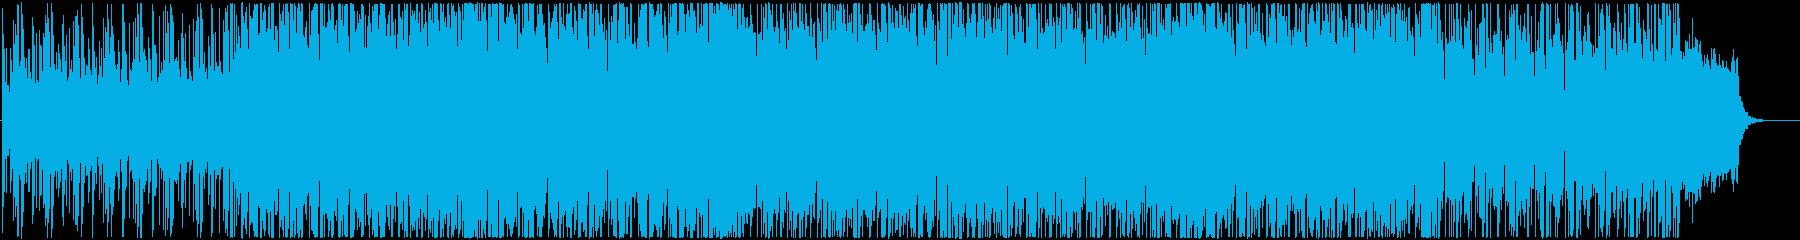 浮遊感あるシンセサイザーのポップな曲の再生済みの波形